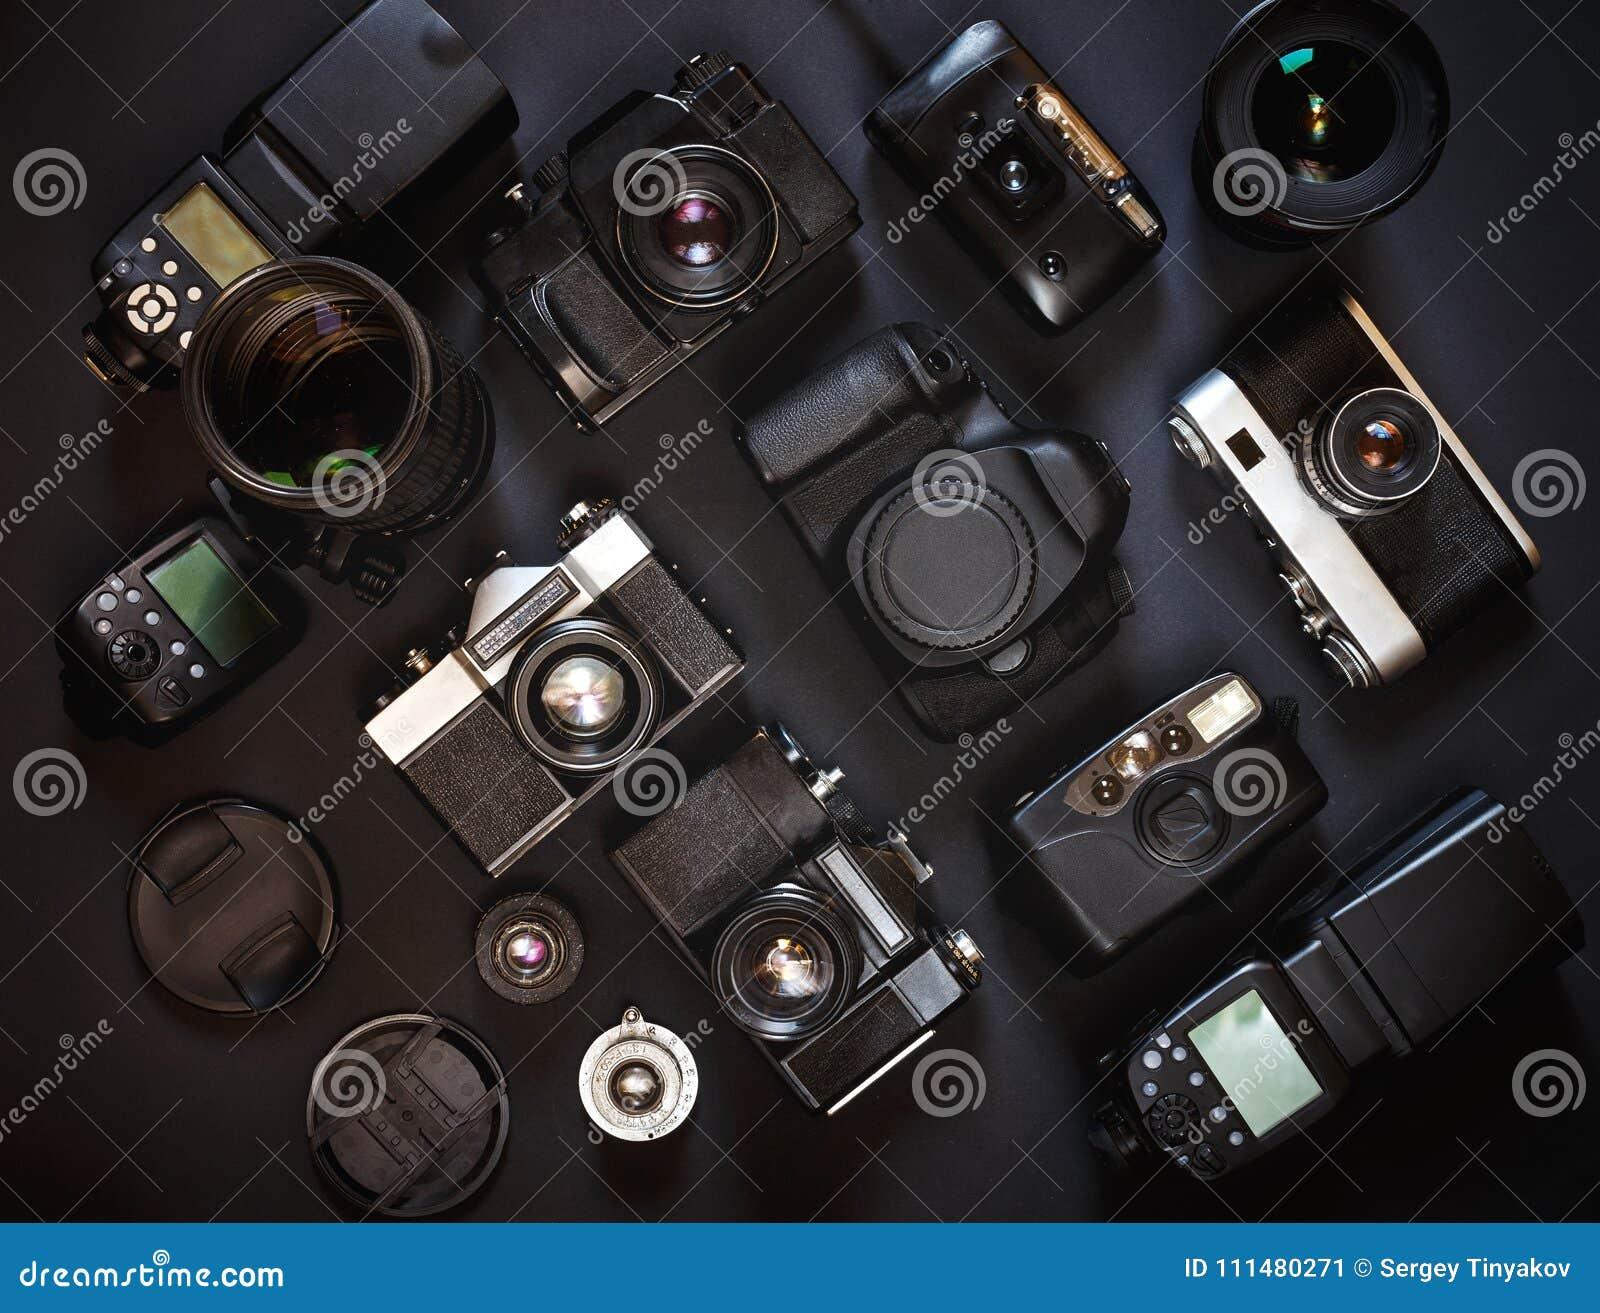 Έννοια εργασιακών χώρων φωτογραφιών Εκλεκτής ποιότητας ταινία και ψηφιακές κάμερα συλλογής, στο μαύρο υπόβαθρο, τοπ άποψη